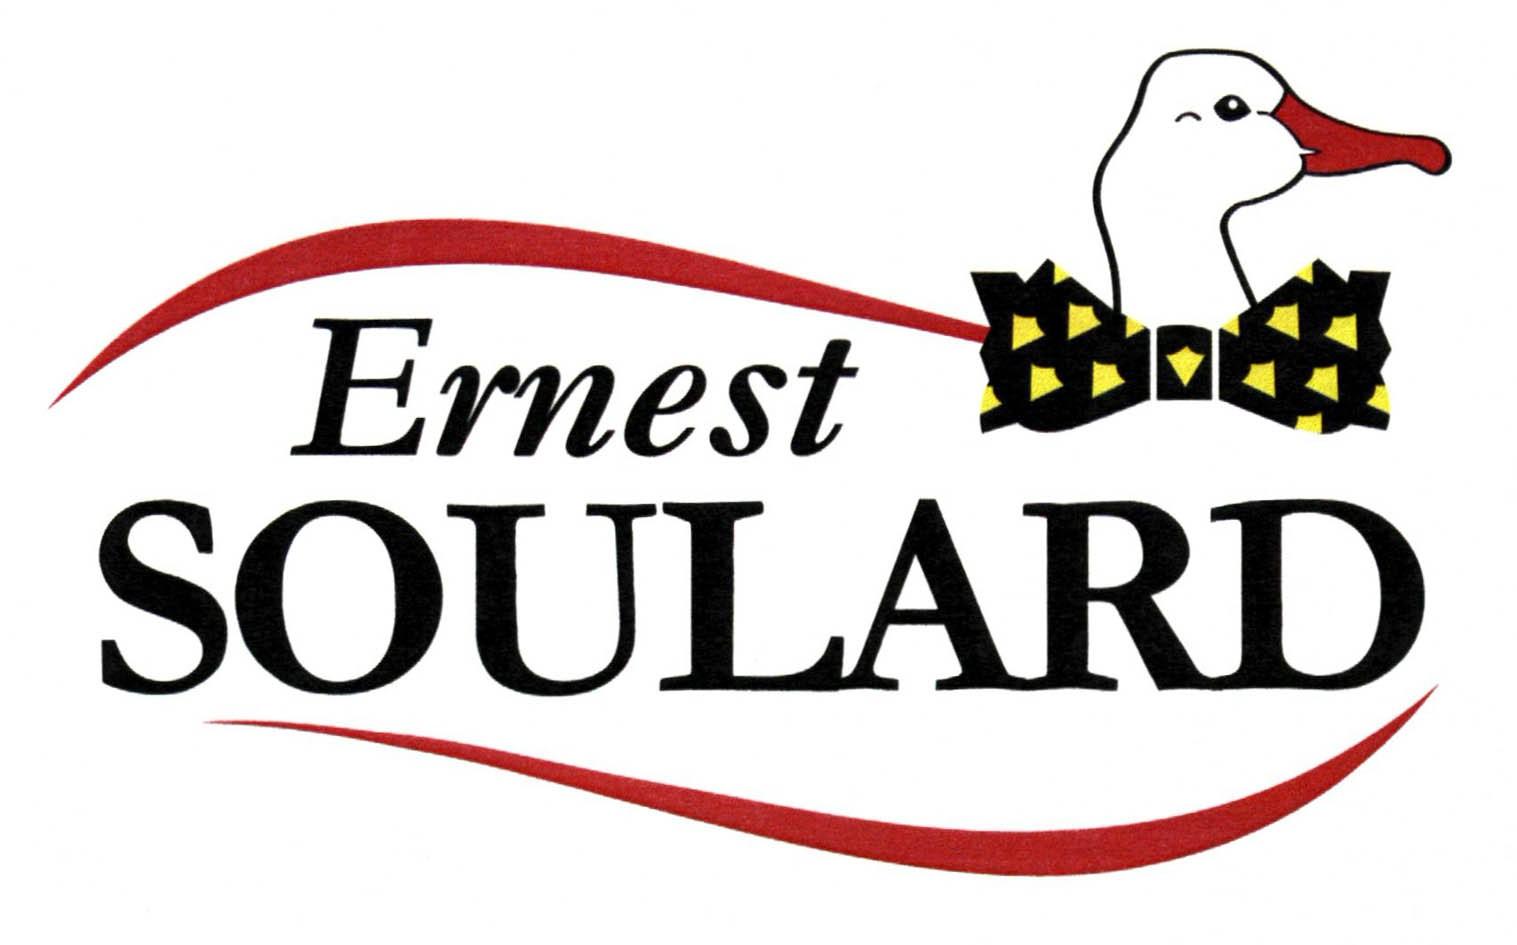 Ernest Soulard